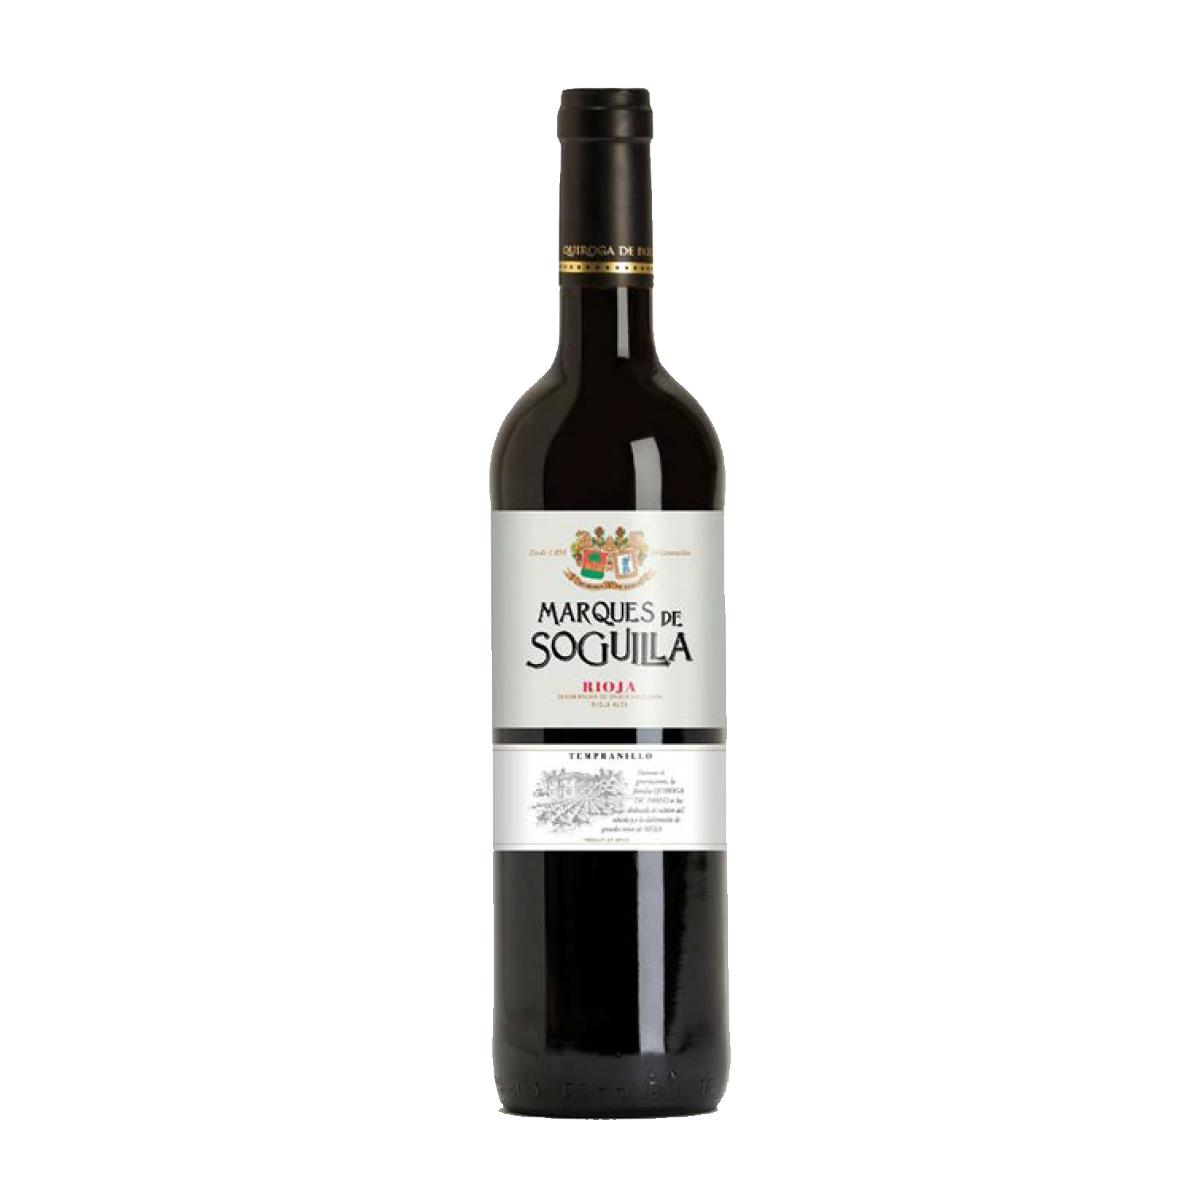 Marques de SOGUILLA 丹魄葡萄酒 2018